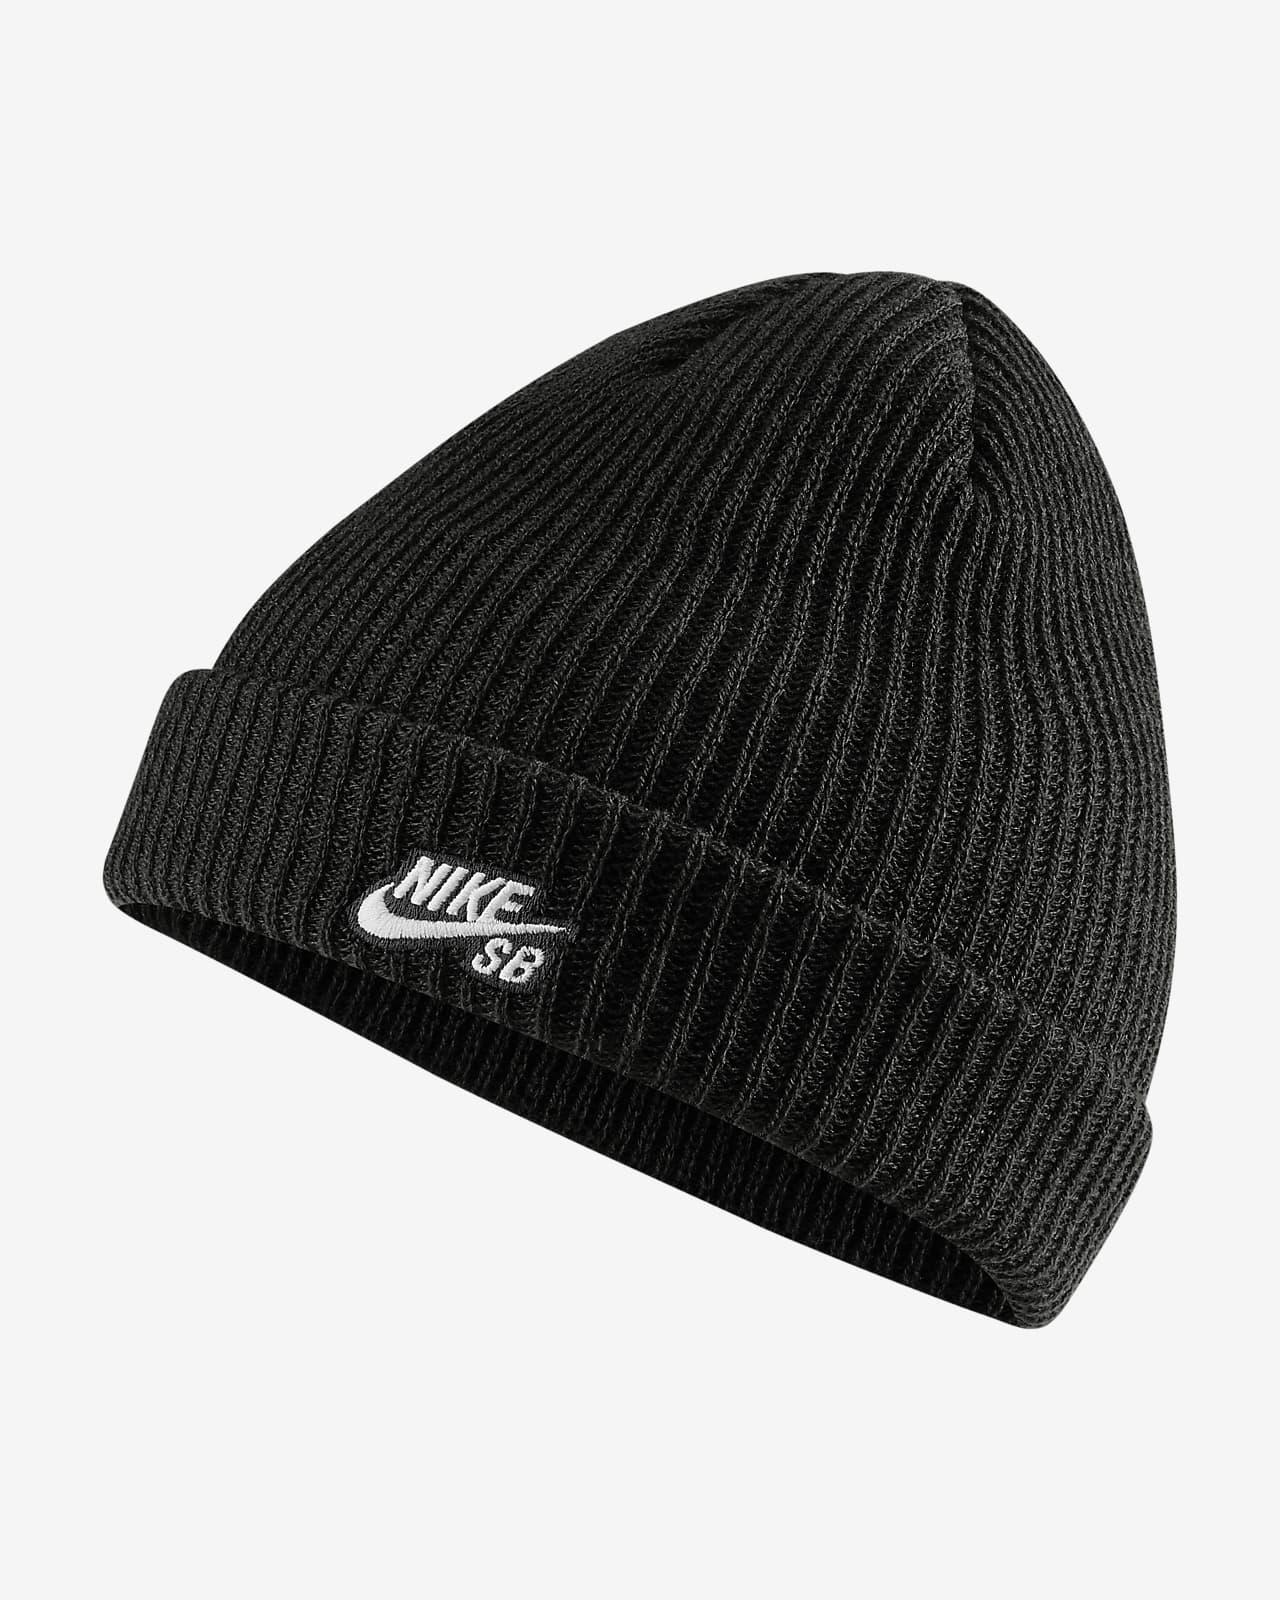 Nike SB Skate Fisherman Beanie